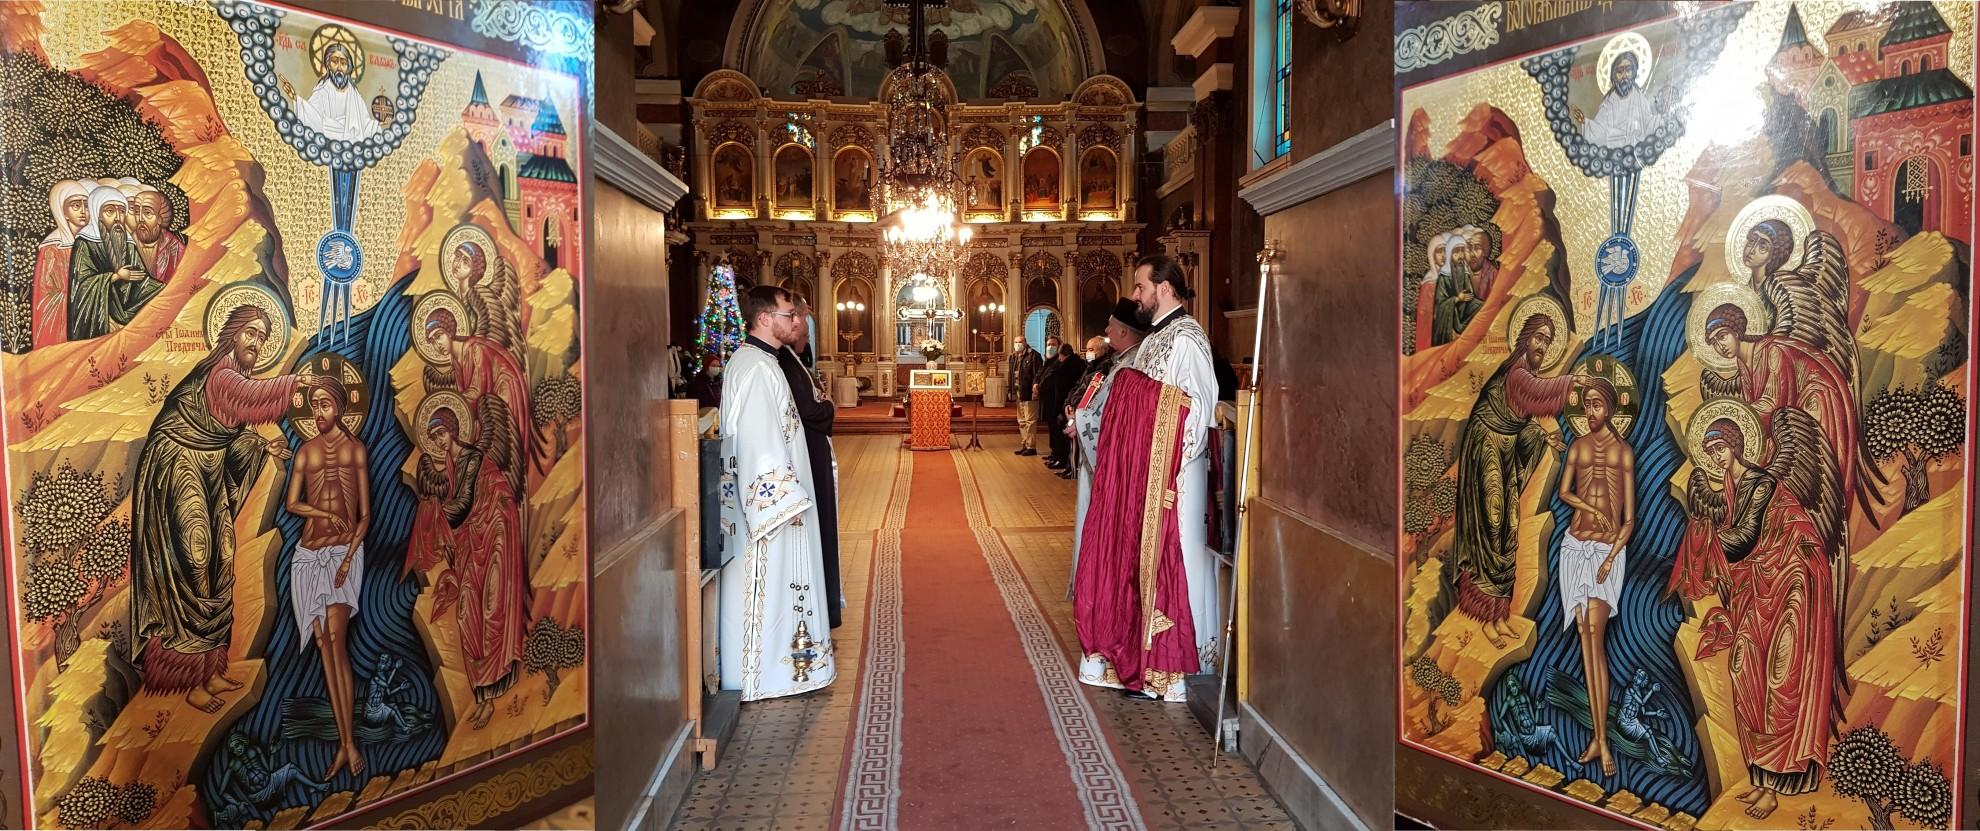 ÎN IMAGINI – Liturghia Arhierească și Sfințirea cea Mare a Apei, la Catedrala Veche din Arad